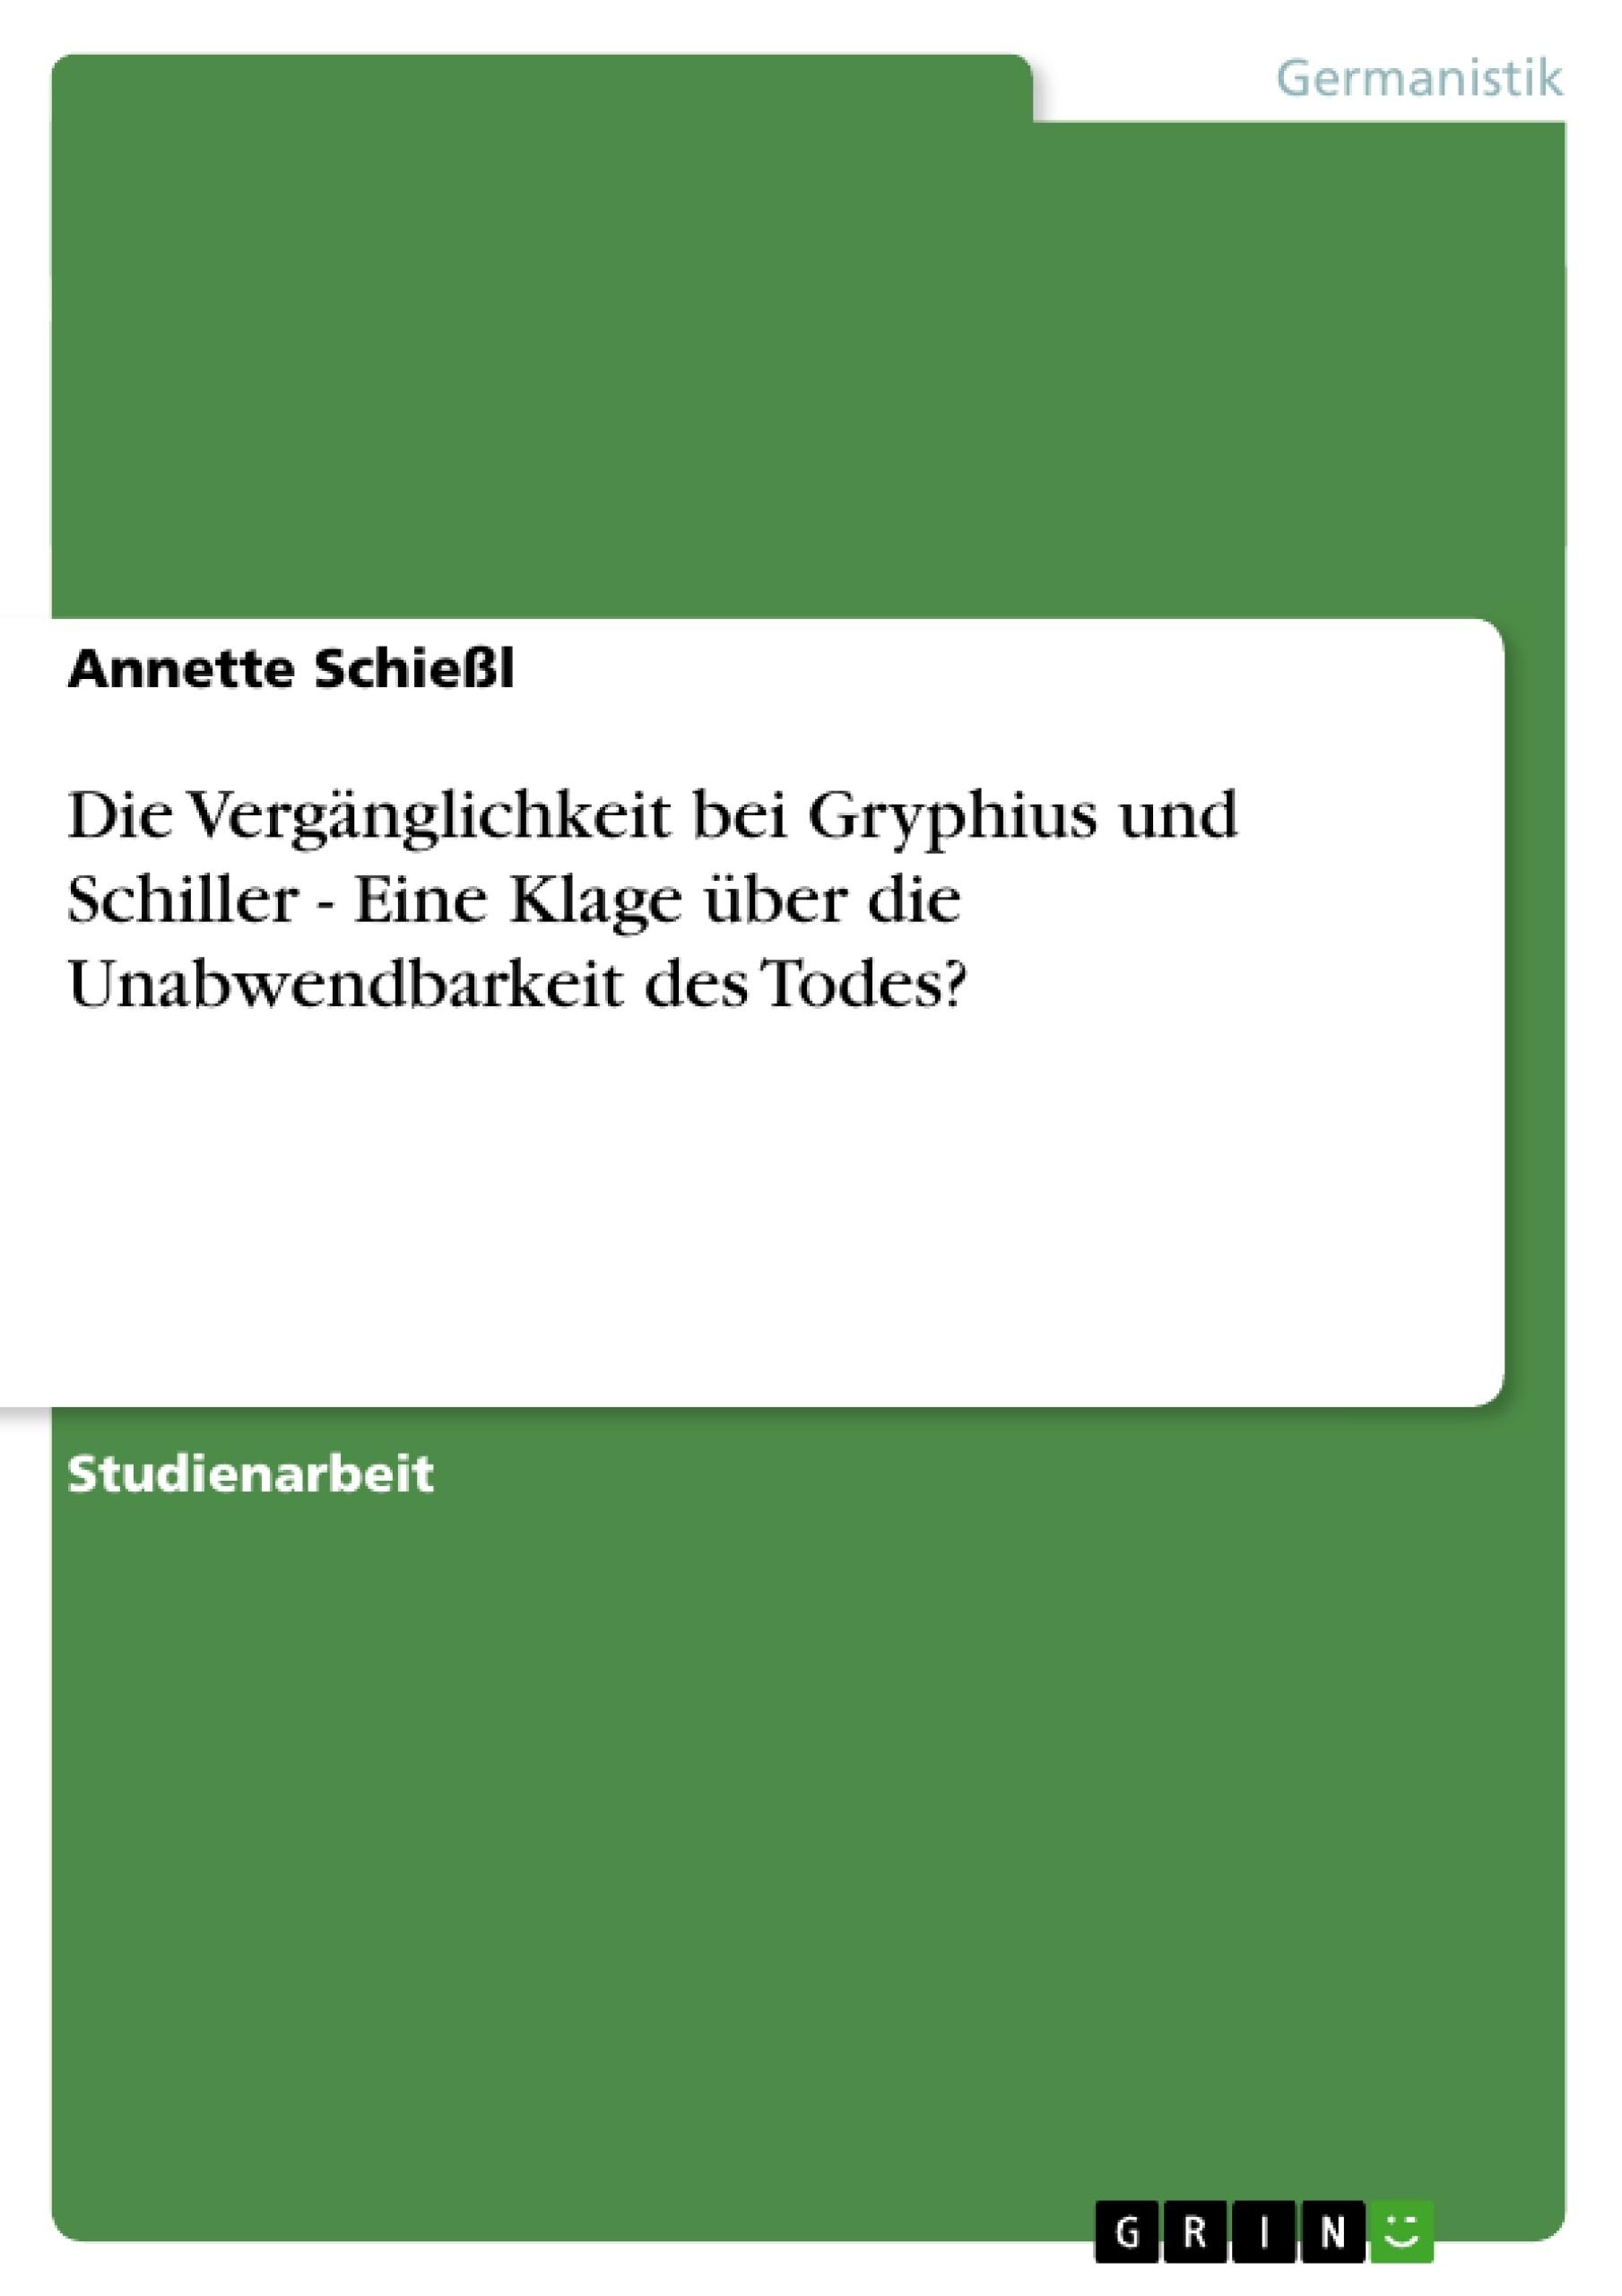 Titel: Die Vergänglichkeit bei Gryphius und Schiller - Eine Klage über die Unabwendbarkeit des Todes?